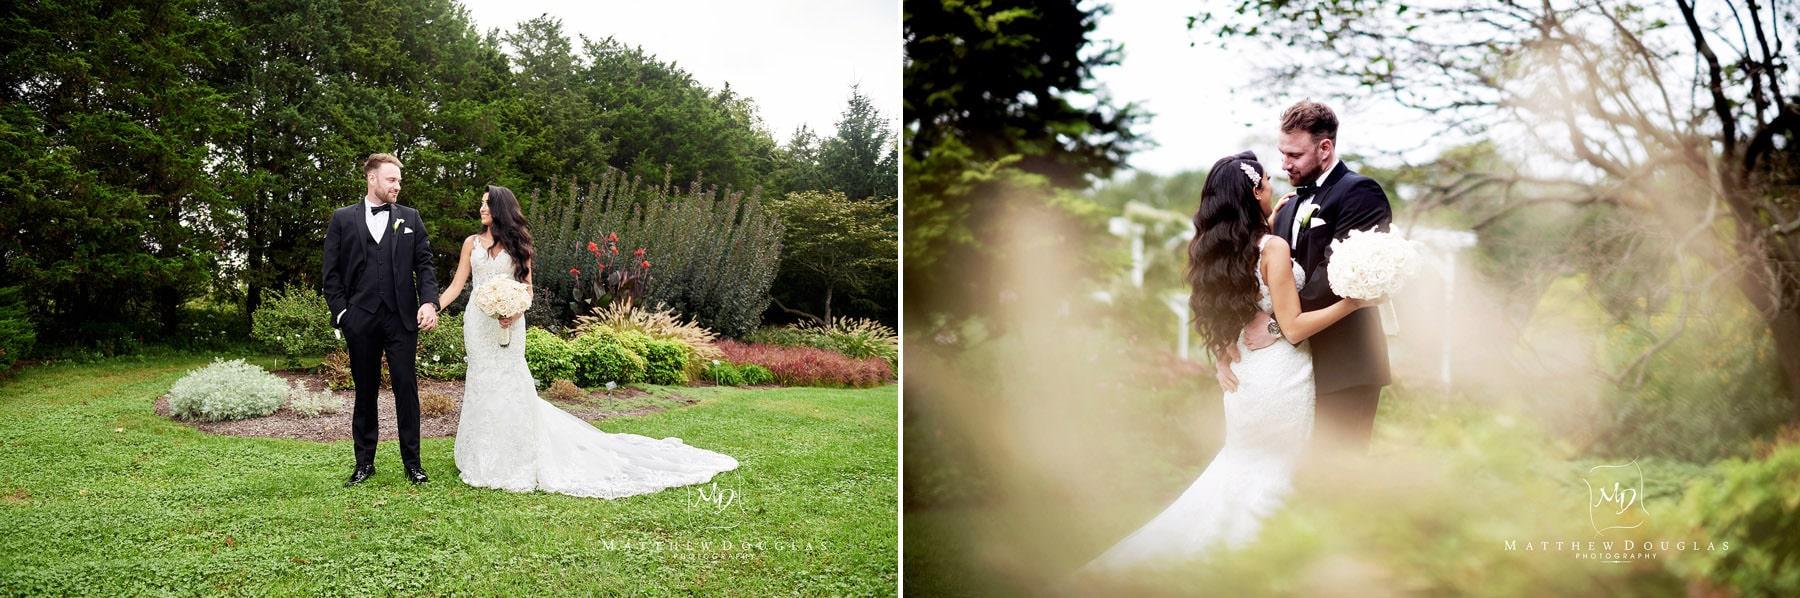 bridal photos at colonial park